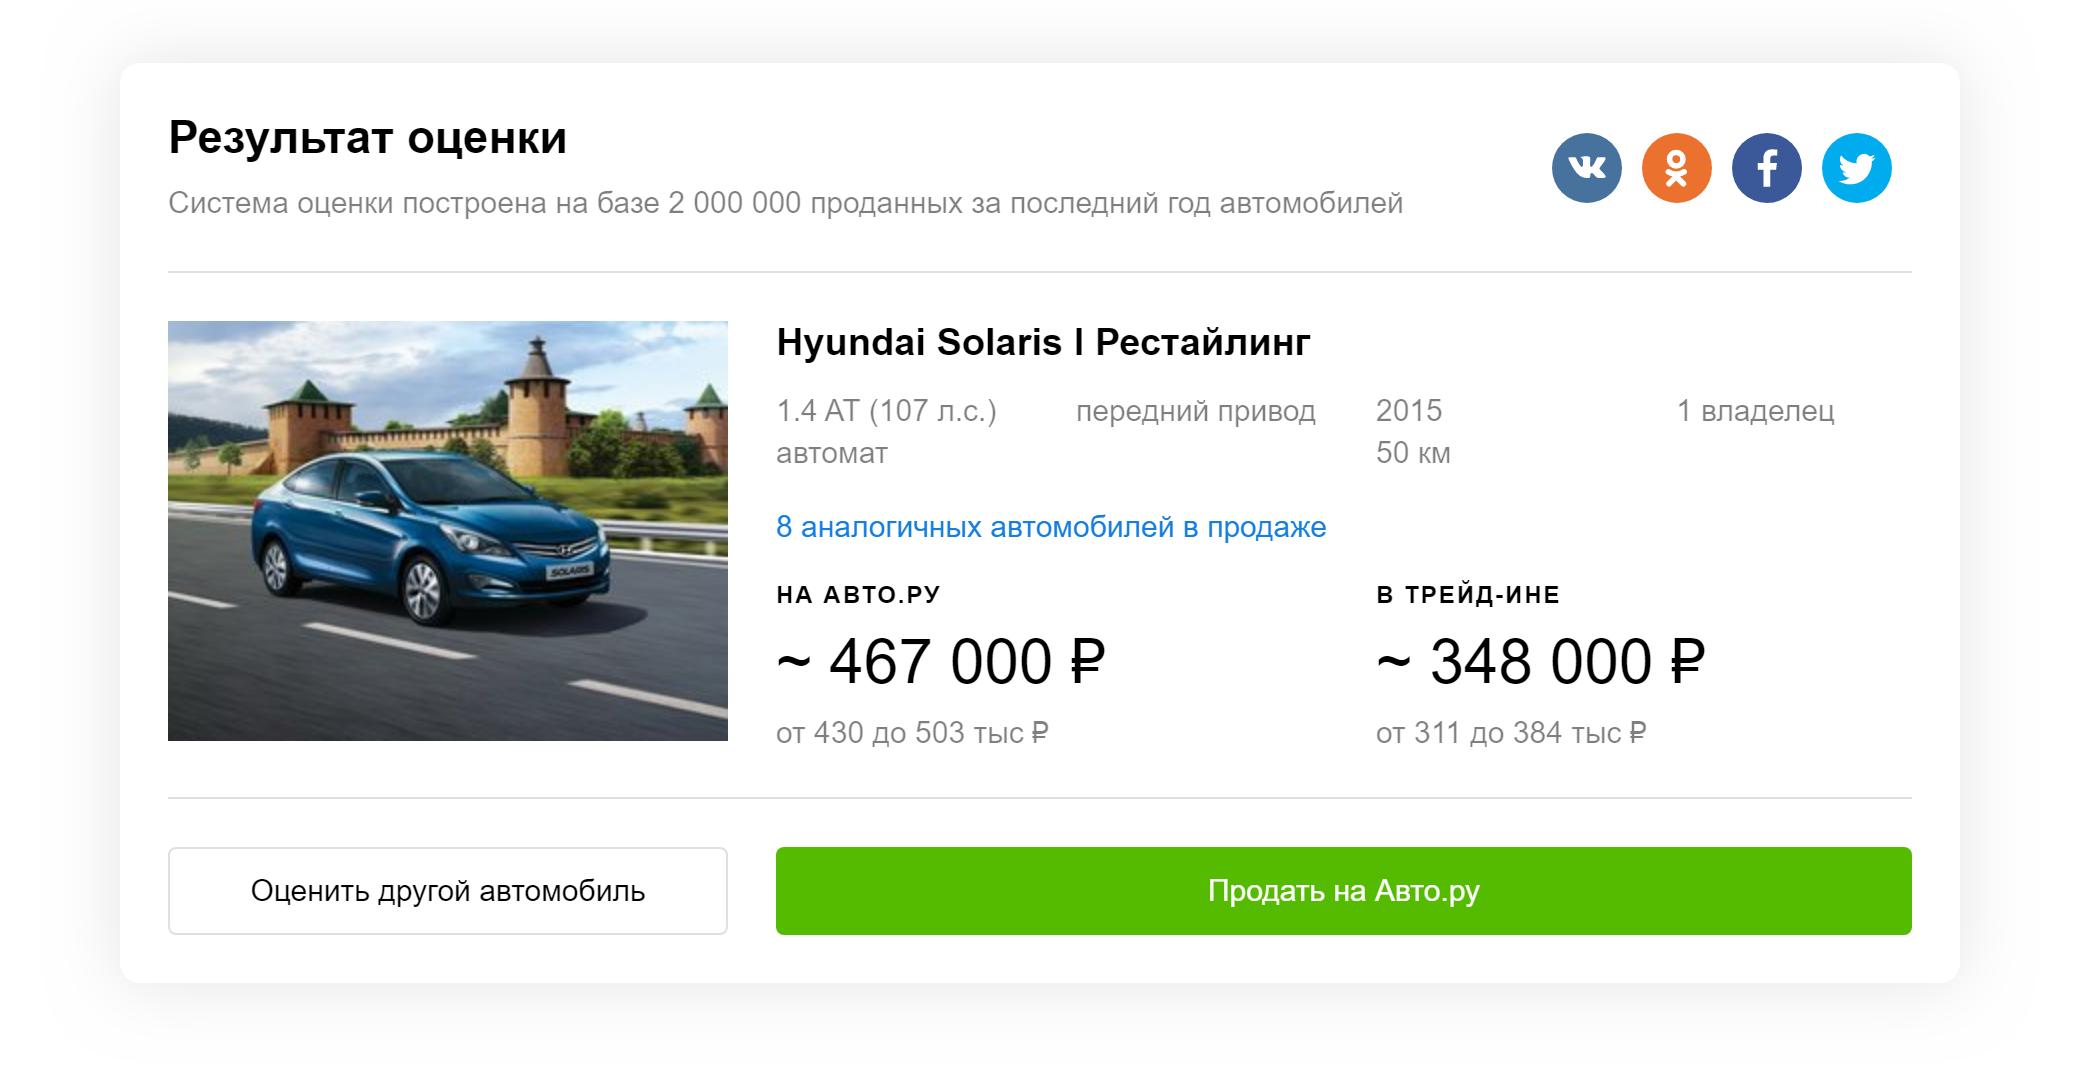 Расчет рыночной и оценочной стоимости на примере автомобиля Хендай Солярис